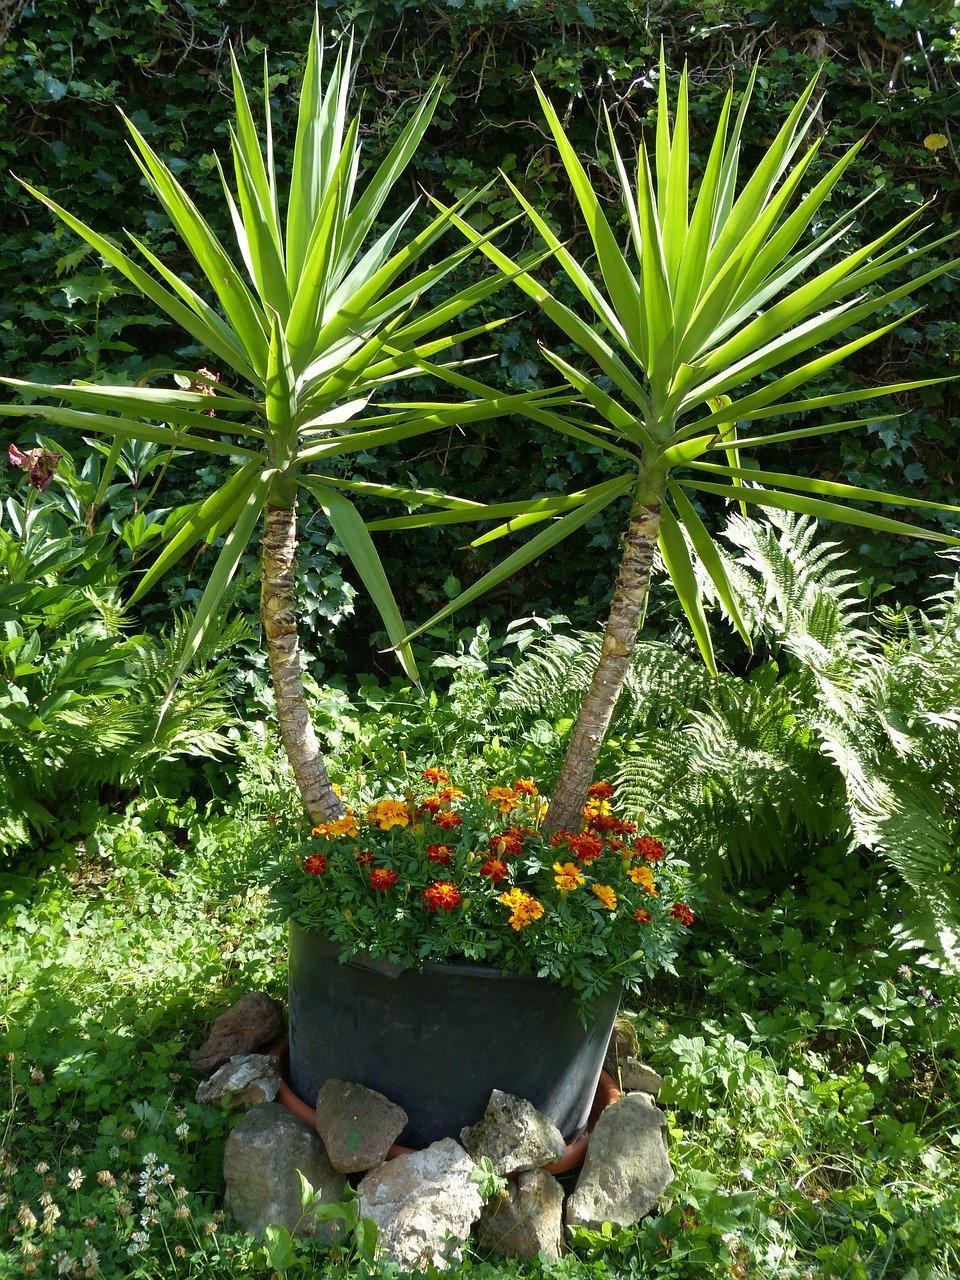 Dachterrasse gemütlich gestalten mit Palmen für Strand Feeling